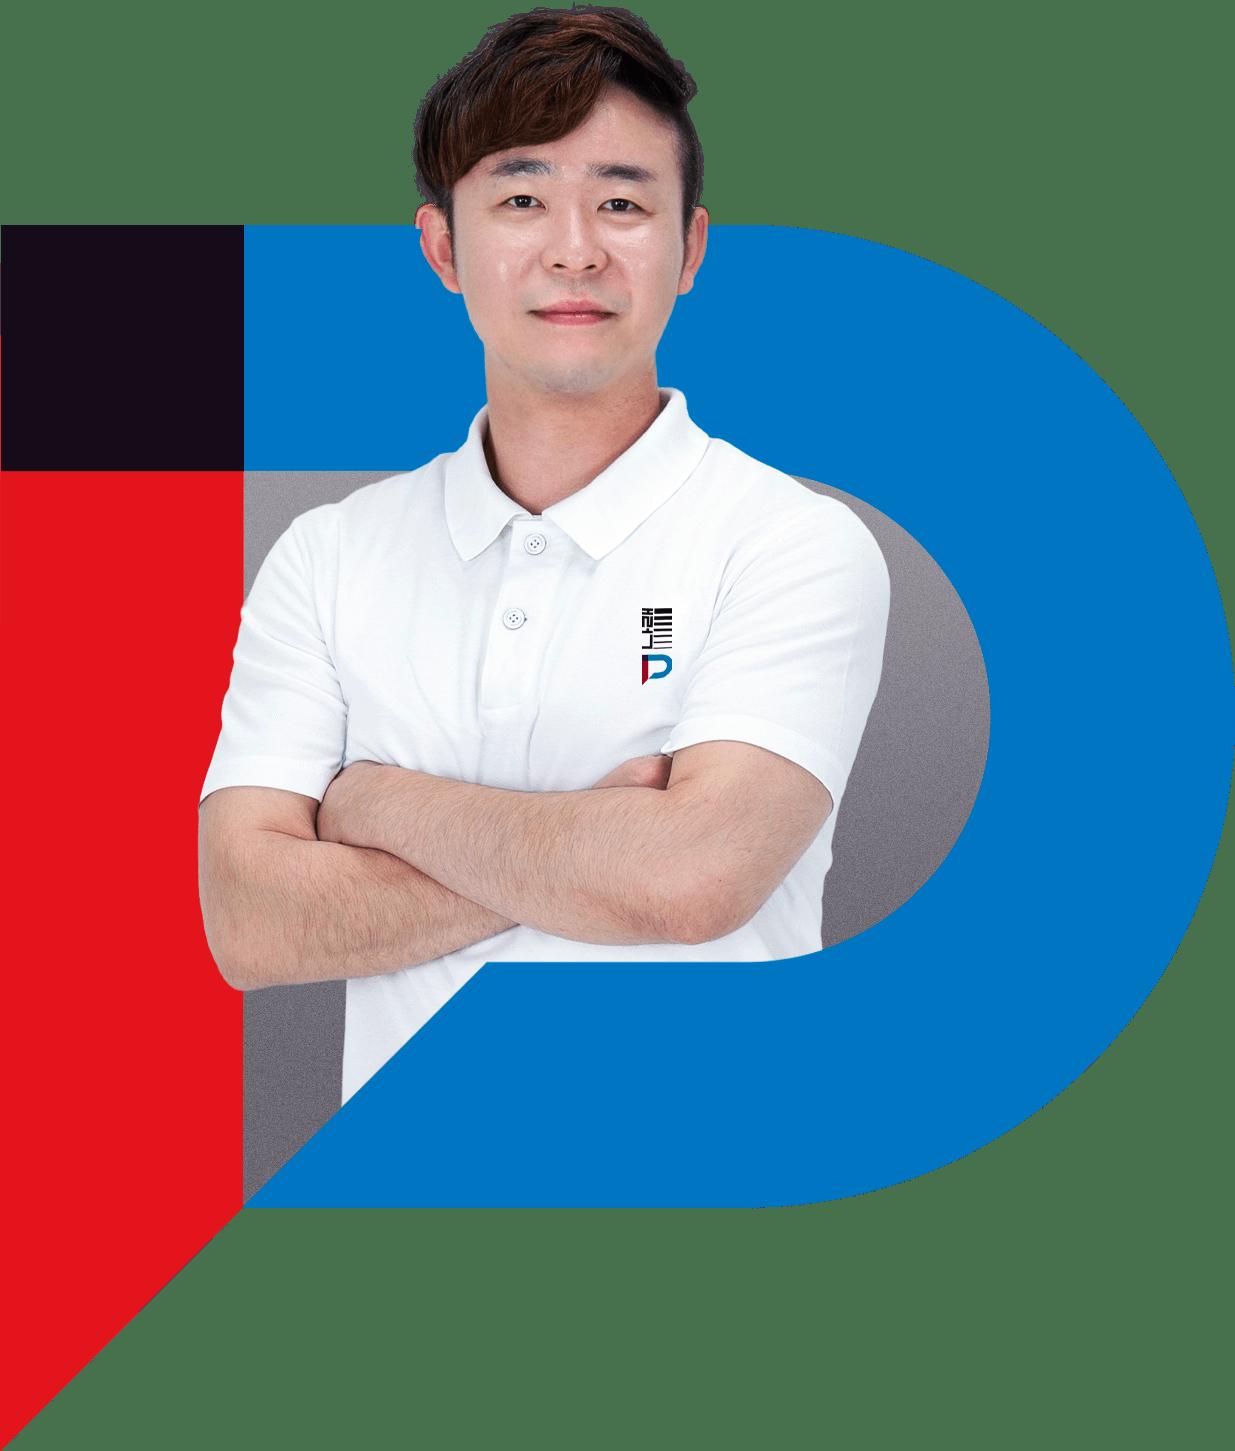 퍼포먼스피지오 인천점 권궁 대표 프로필 사진